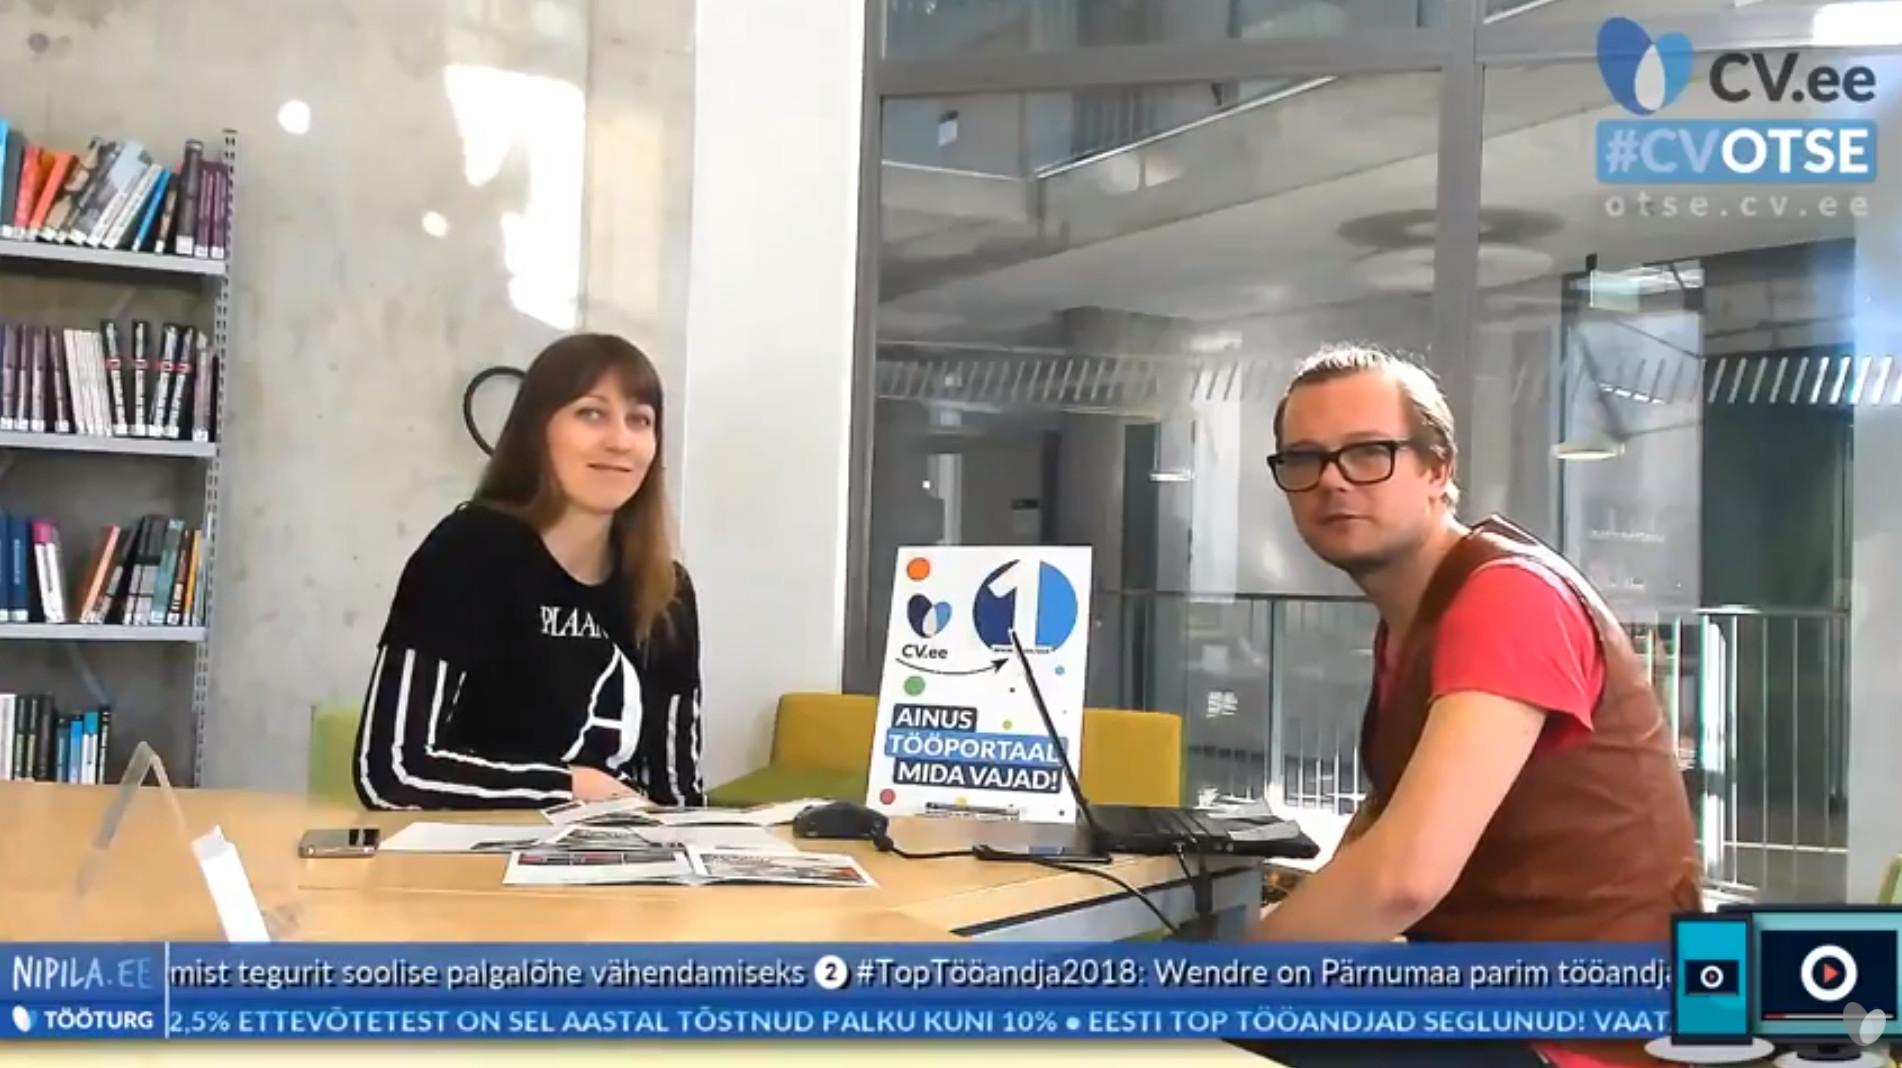 Nipila otsestuudio #6: tänasel Tallinna Ülikooli avatud uste päeval sai küsida ka karjäärinõu